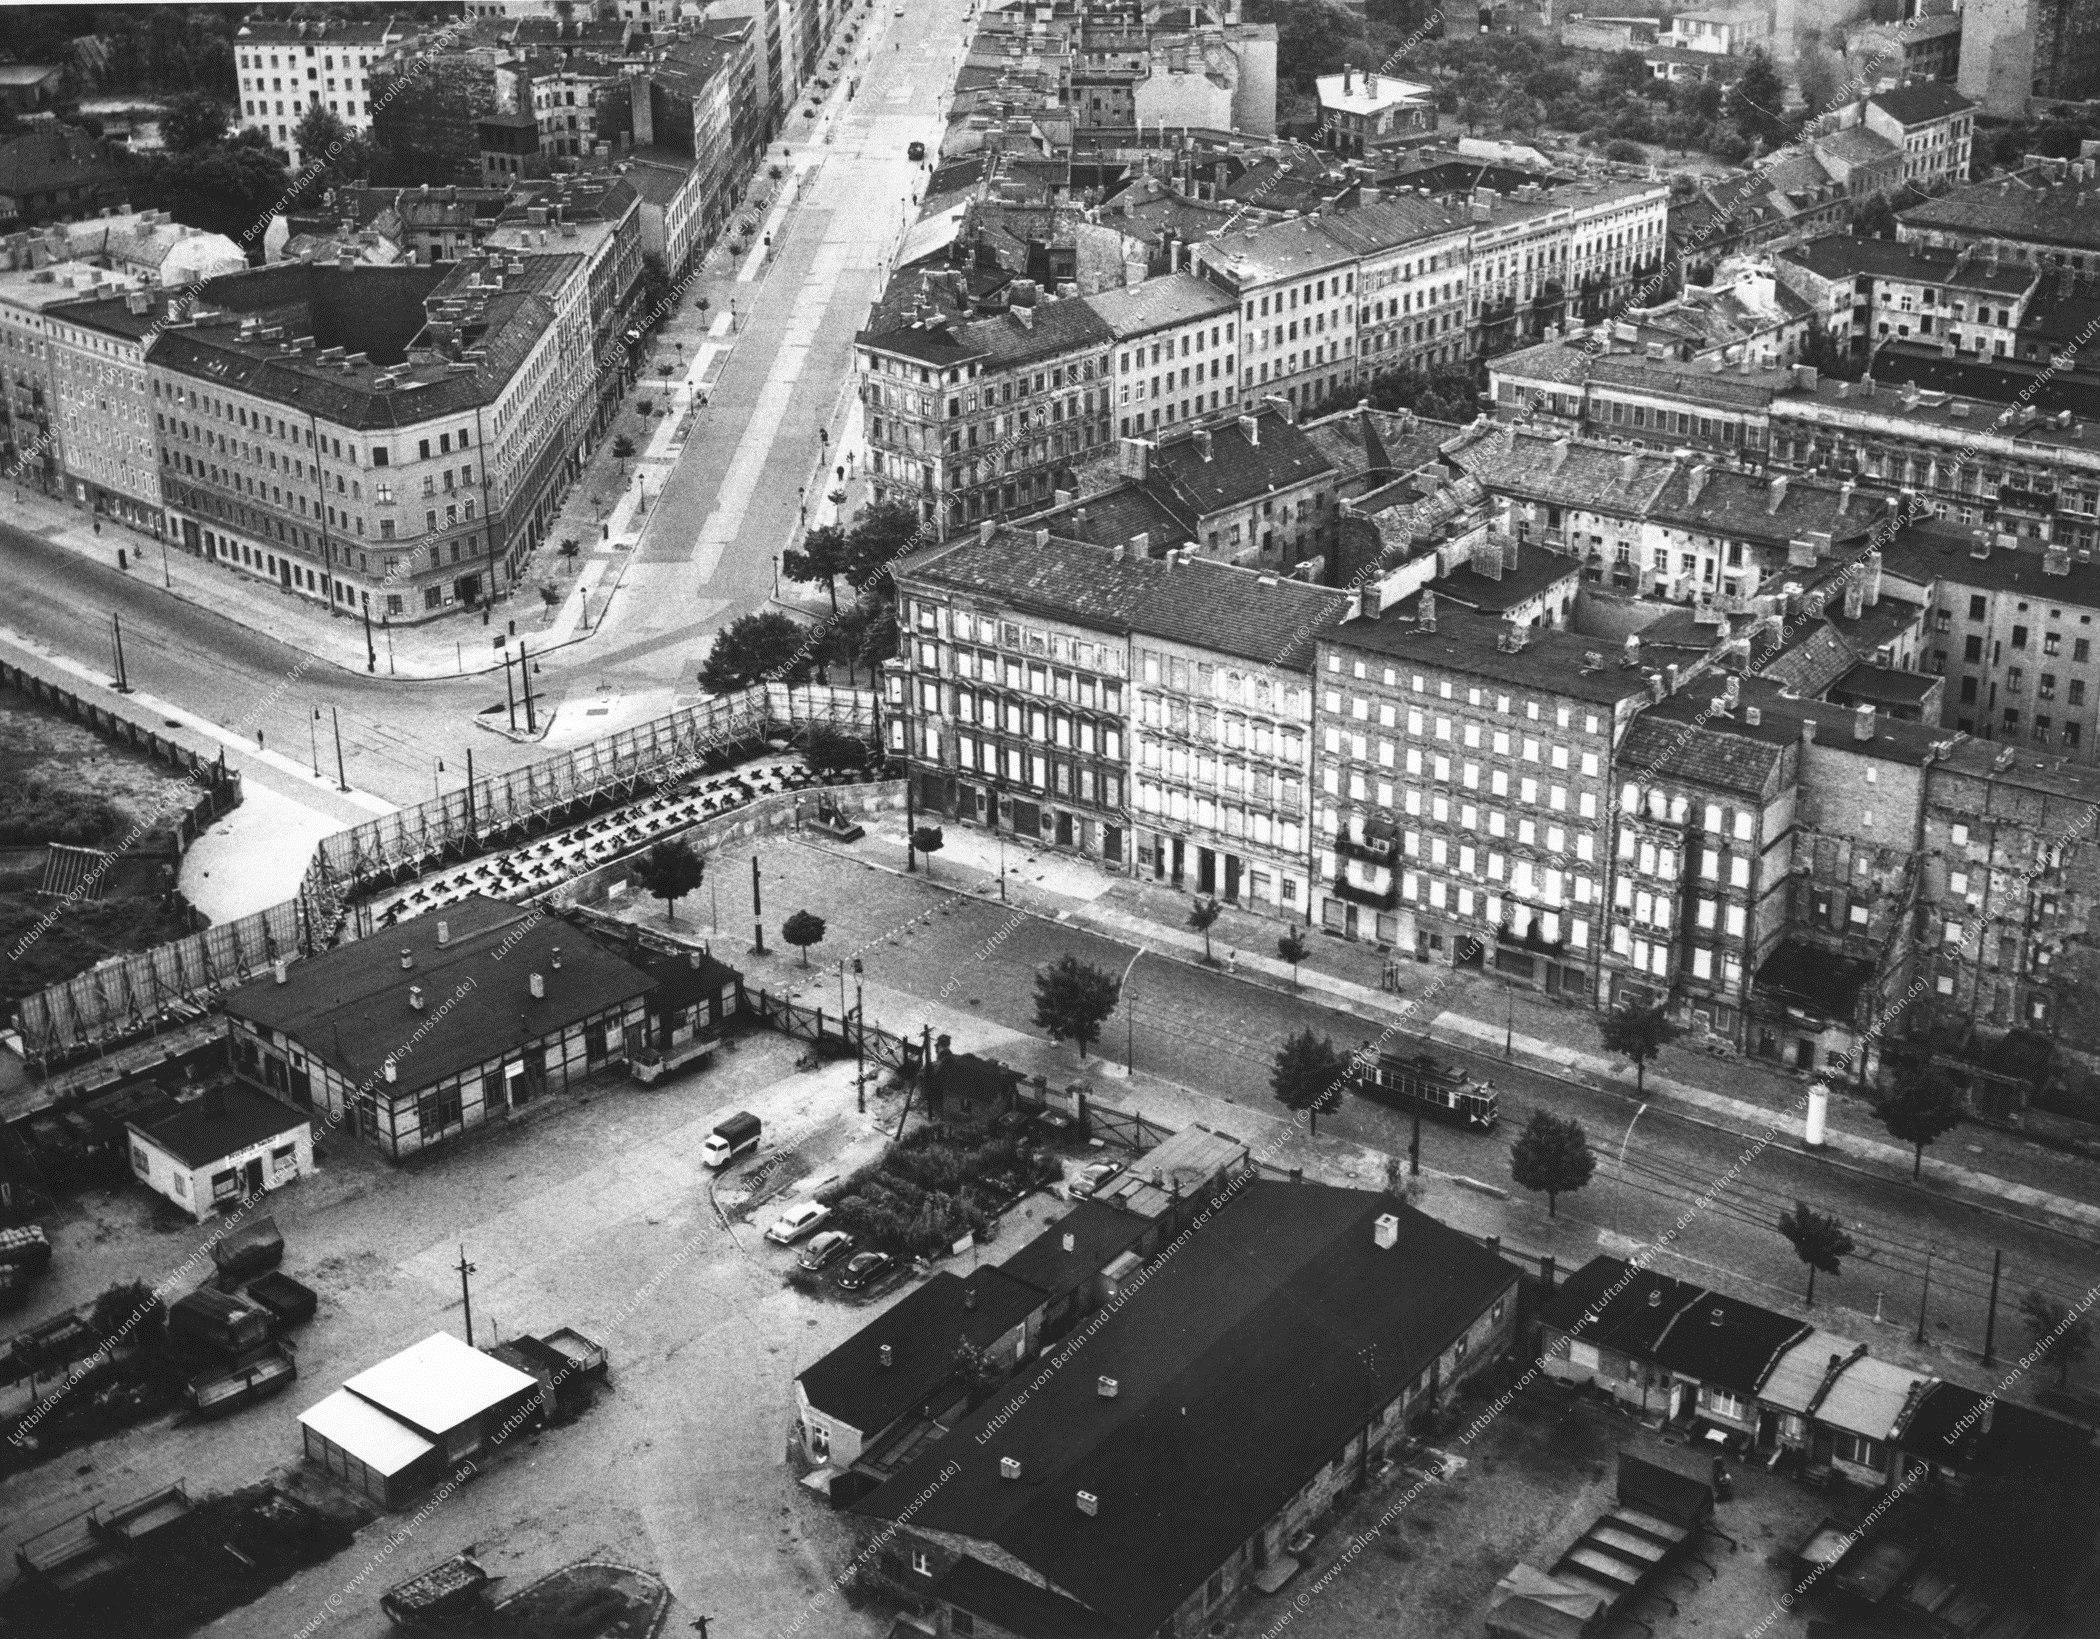 Luftbild Berlin - Bernauer Straße mit Straßenbahn sowie Oderberger Straße und Eberswalder Straße (Bild 029)